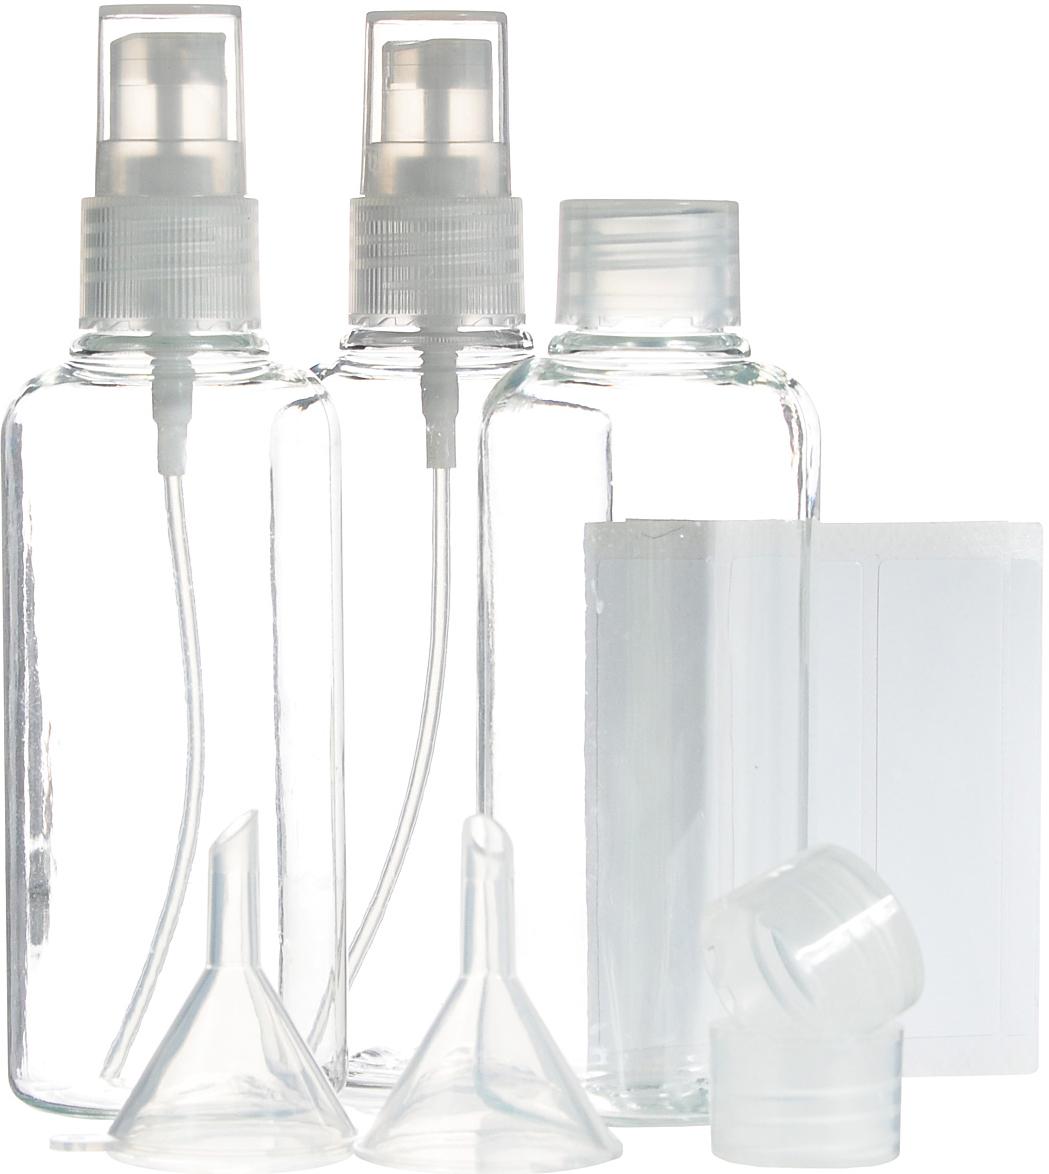 Набор контейнеров для жидкостей JustinCase, с аксессуарами, 12 предметов21173Набор JustinCase состоит из 3 контейнеров, 2 крышек-диспансеров и 2 воронок. Контейнеры, изготовленные из пластика, прекрасно подойдут для жидких средств поуходу за телом и волосами (шампунь, кондиционер, гель для душа, массажное масло),которые вы хотите взять в дорогу. Все контейнеры можно использовать много раз. Вкомплекте такого дорожного набора - 5 упаковок наклеек для подписи содержимогоконтейнеров.Все предметы набора расположены в удобной пластиковой сумочке-чехле на змейке. Высота стенок контейнера: 9 см. Диаметр горлышка контейнера: 1,5 см.Объем контейнеров: 100 мл